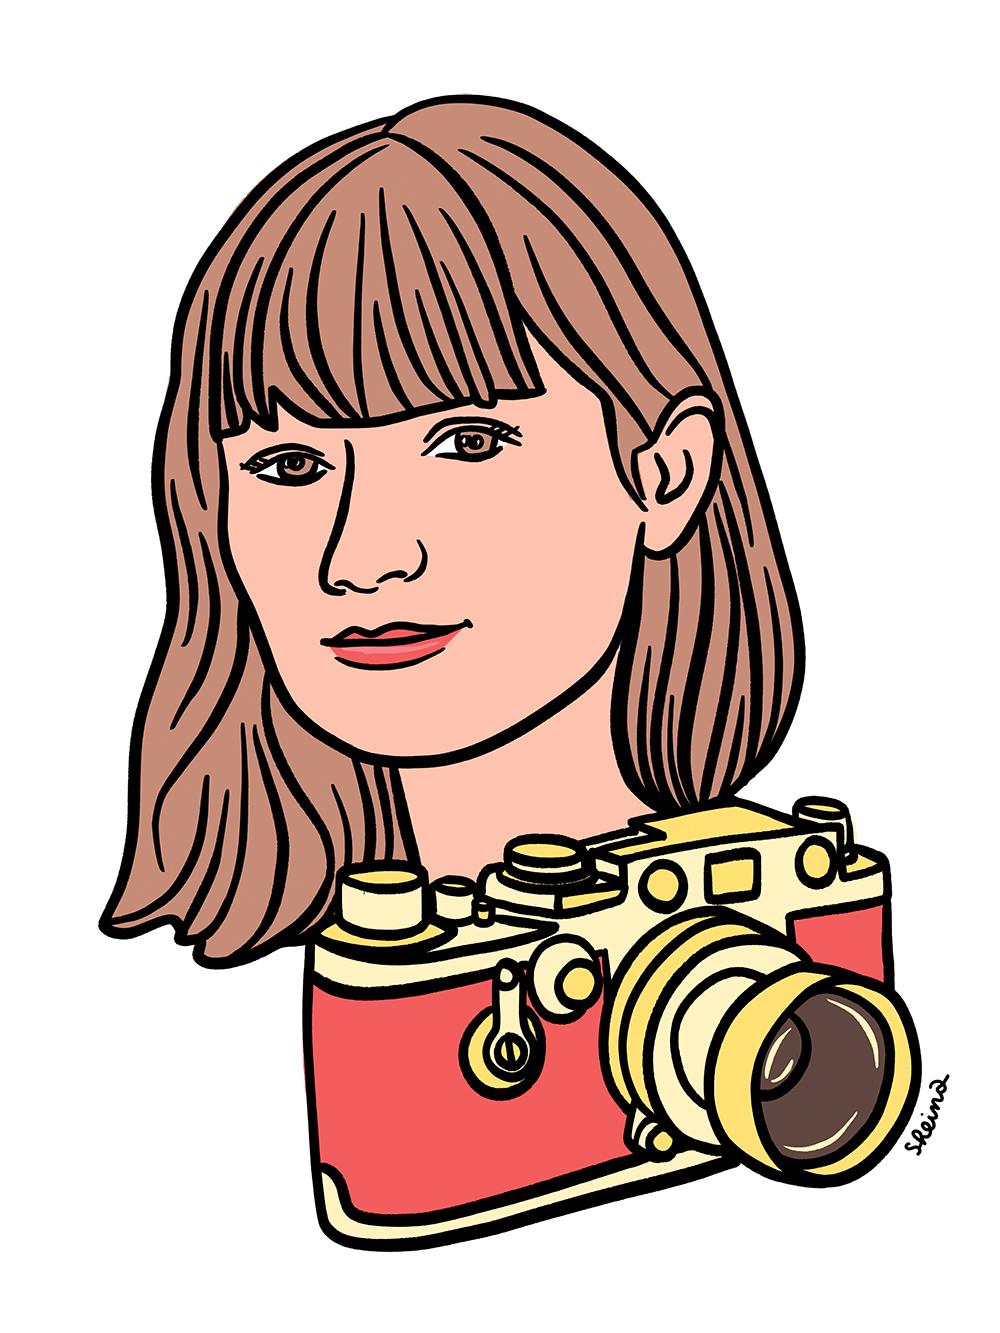 aurelie-lefebvre-rencontres-photographiques-portrait-femmes-du-10eme-arrondissement-paris-journal-village-saint-martin